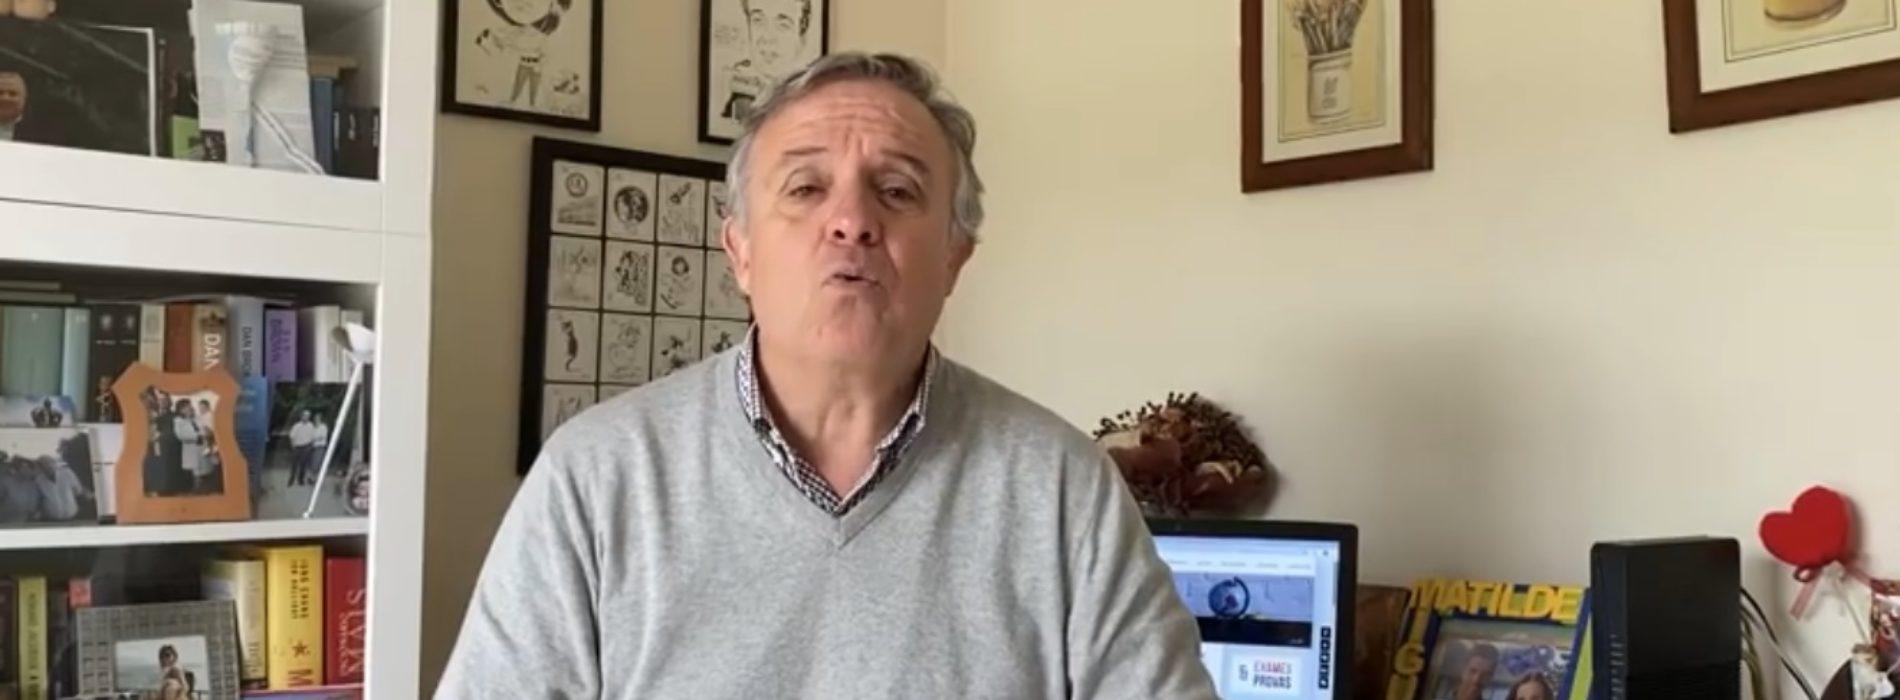 """Diretor do AEOH garante """"escola organizada e responsável"""" no 3º período que começa amanhã (com vídeo)"""